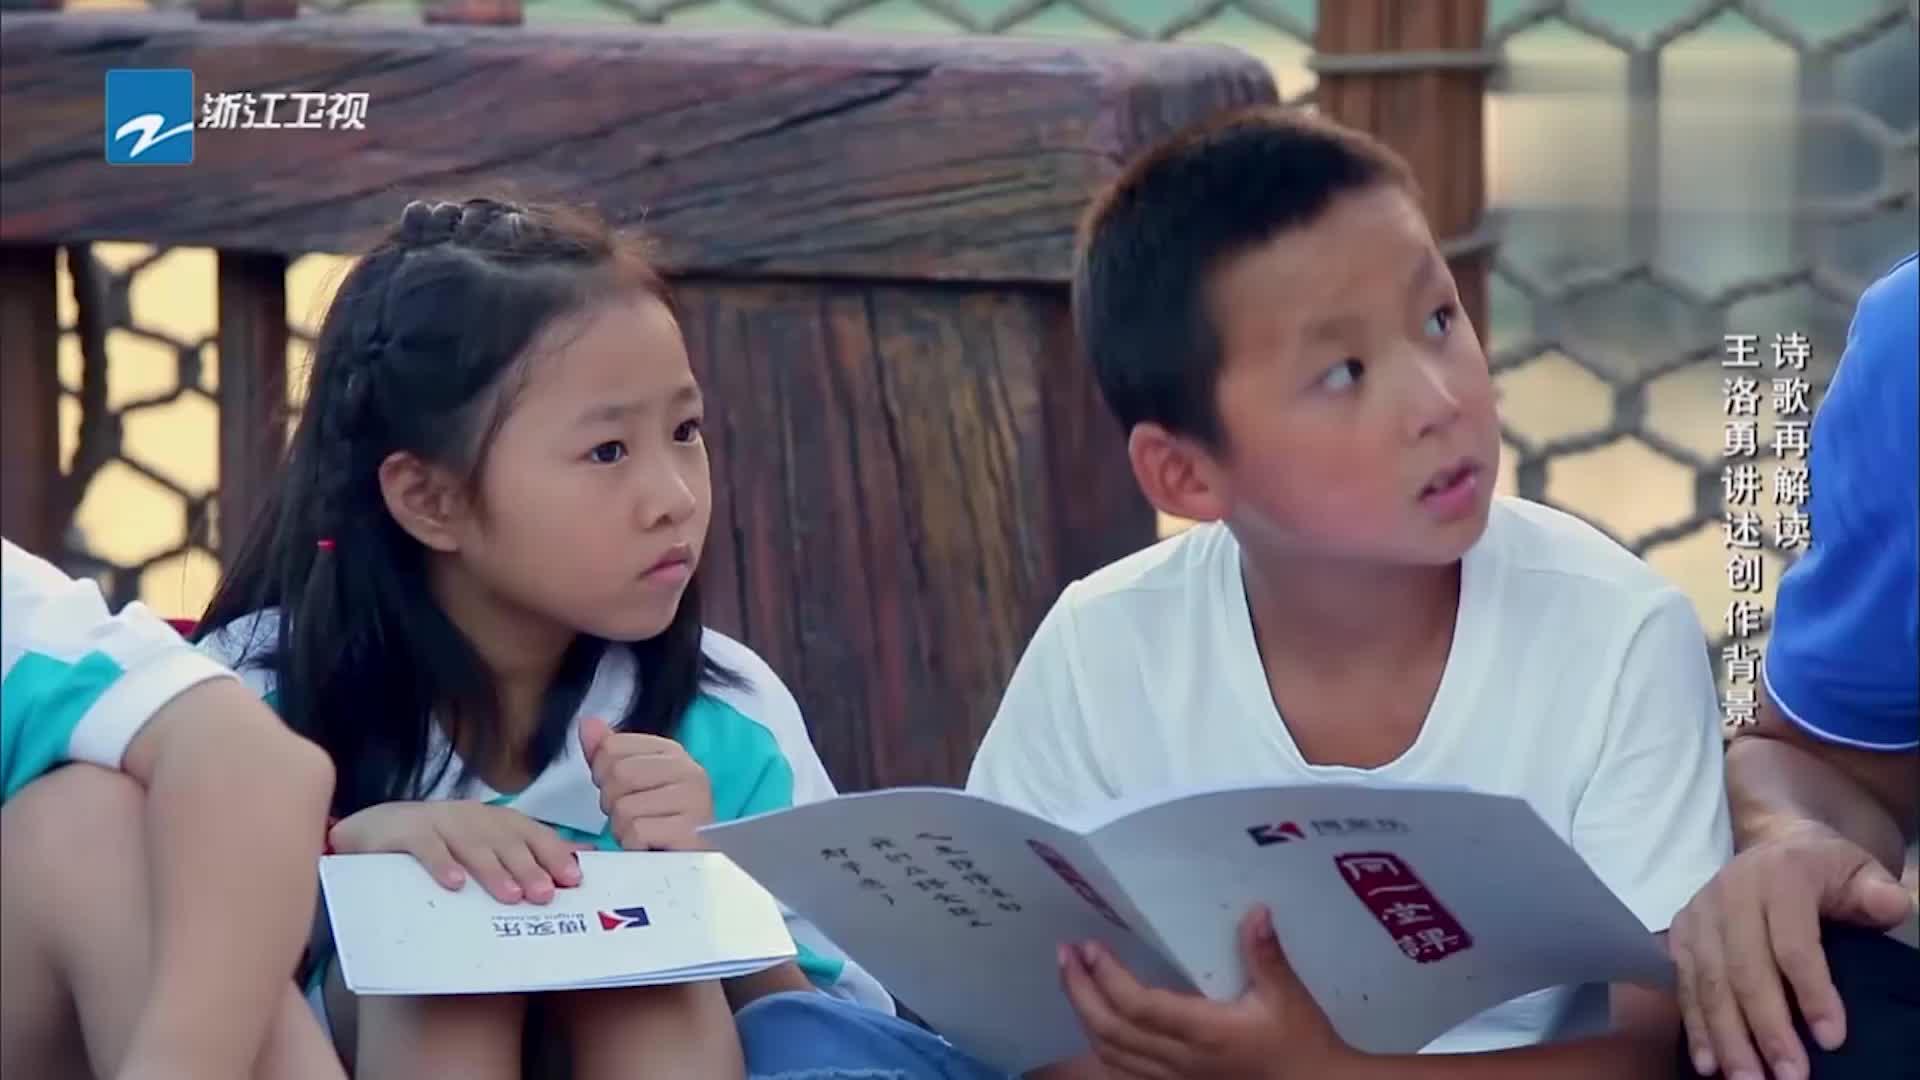 同一堂课:师生挑战英文版《观沧海》,讲述中国故事,好感人